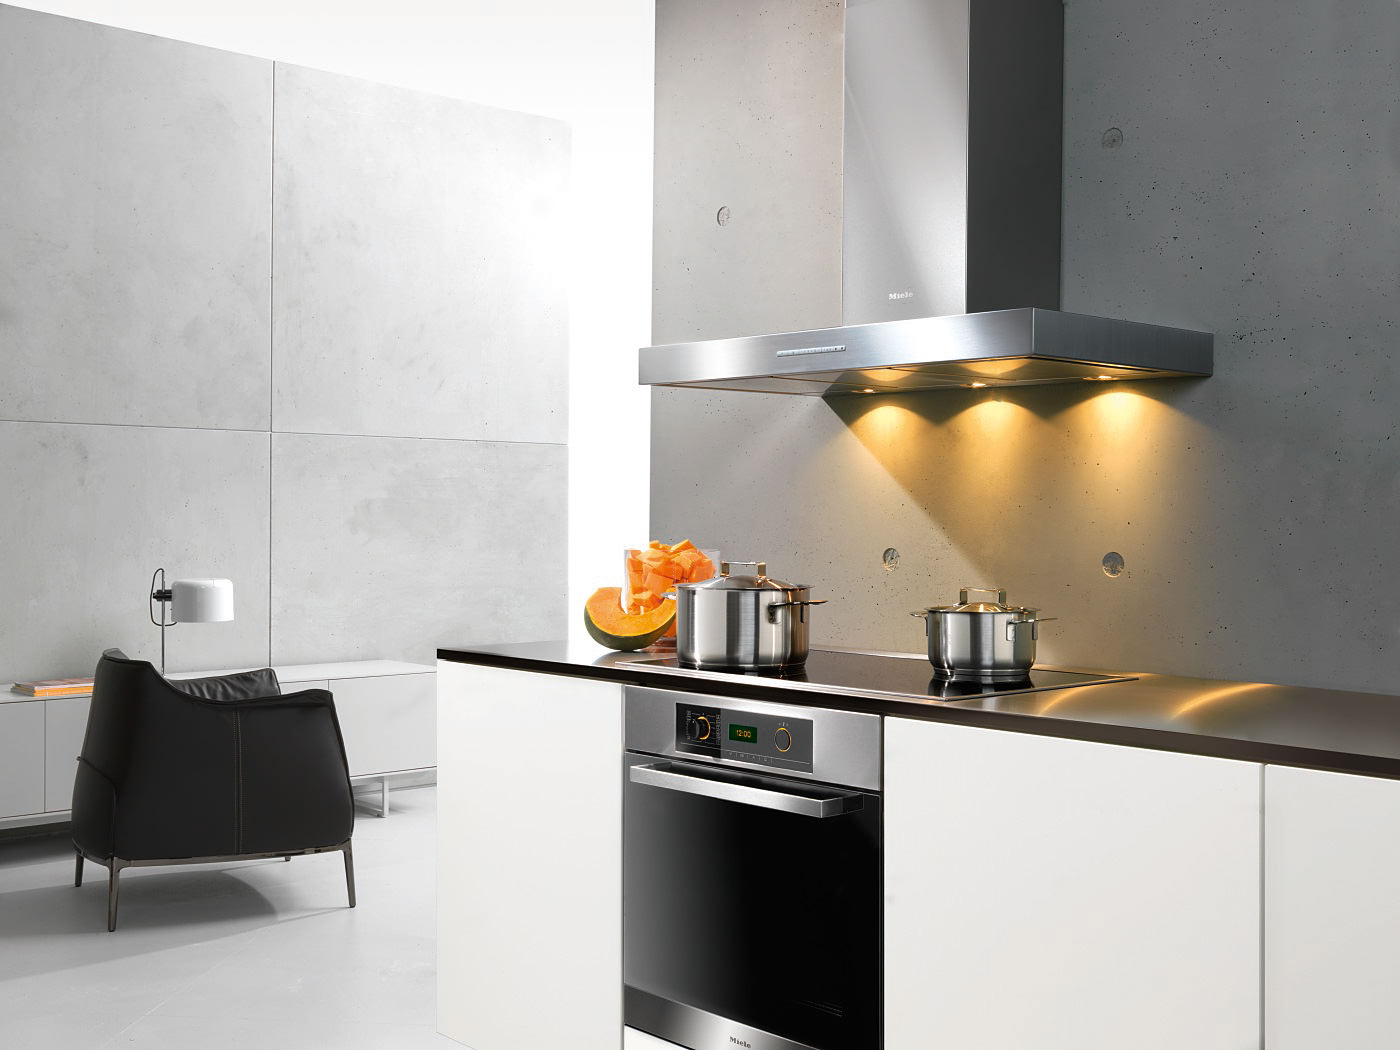 k chenausstellung in regensburg moderne k chen f r sie. Black Bedroom Furniture Sets. Home Design Ideas